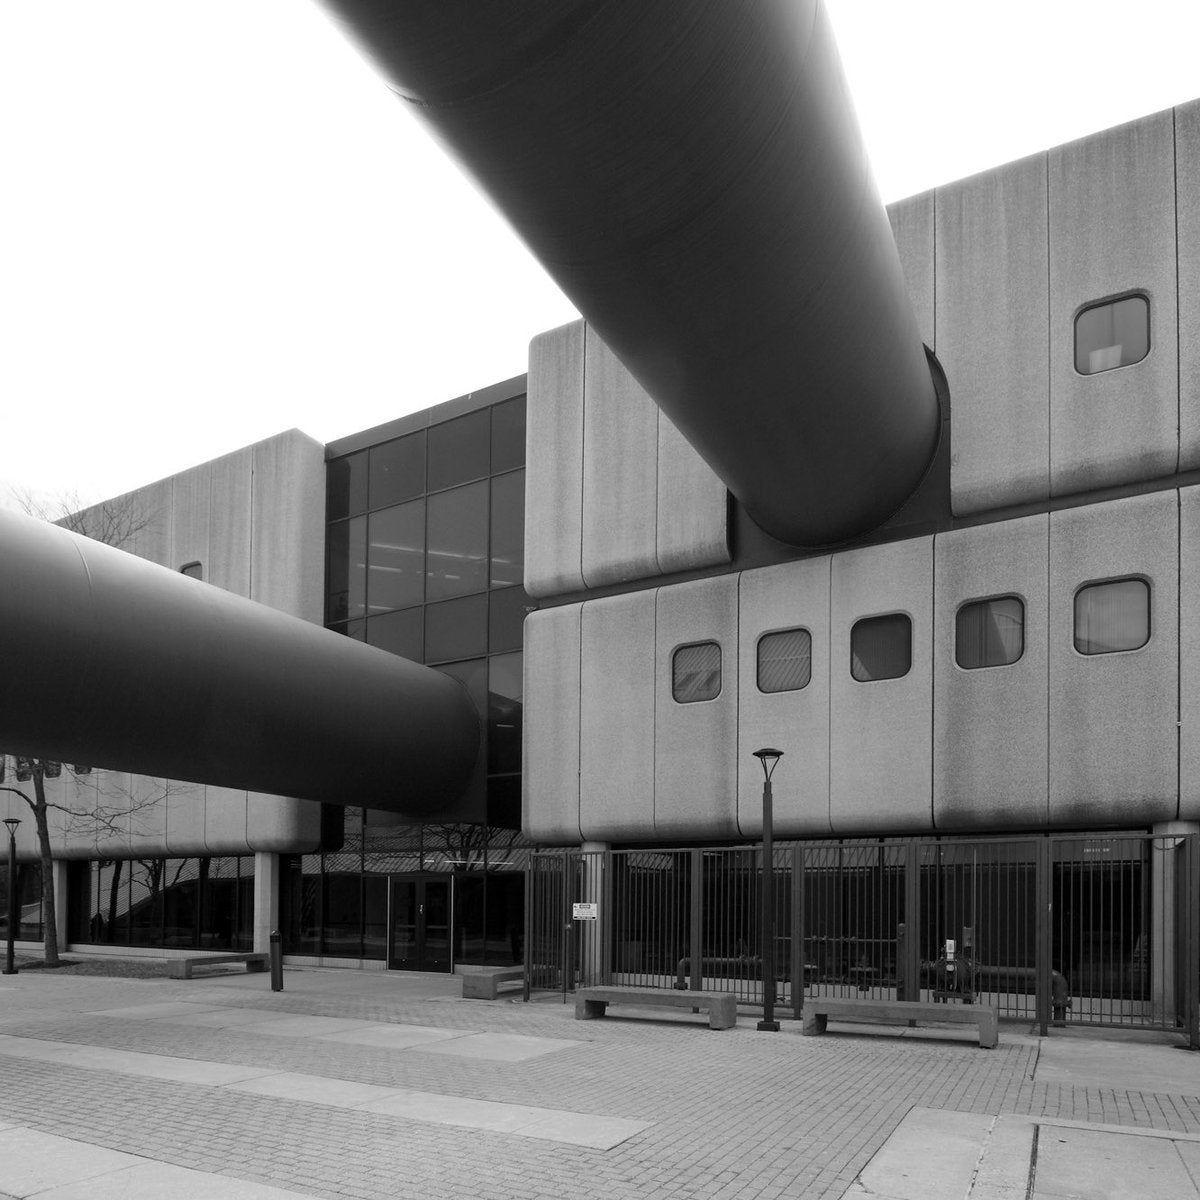 Pin taulussa Architecture